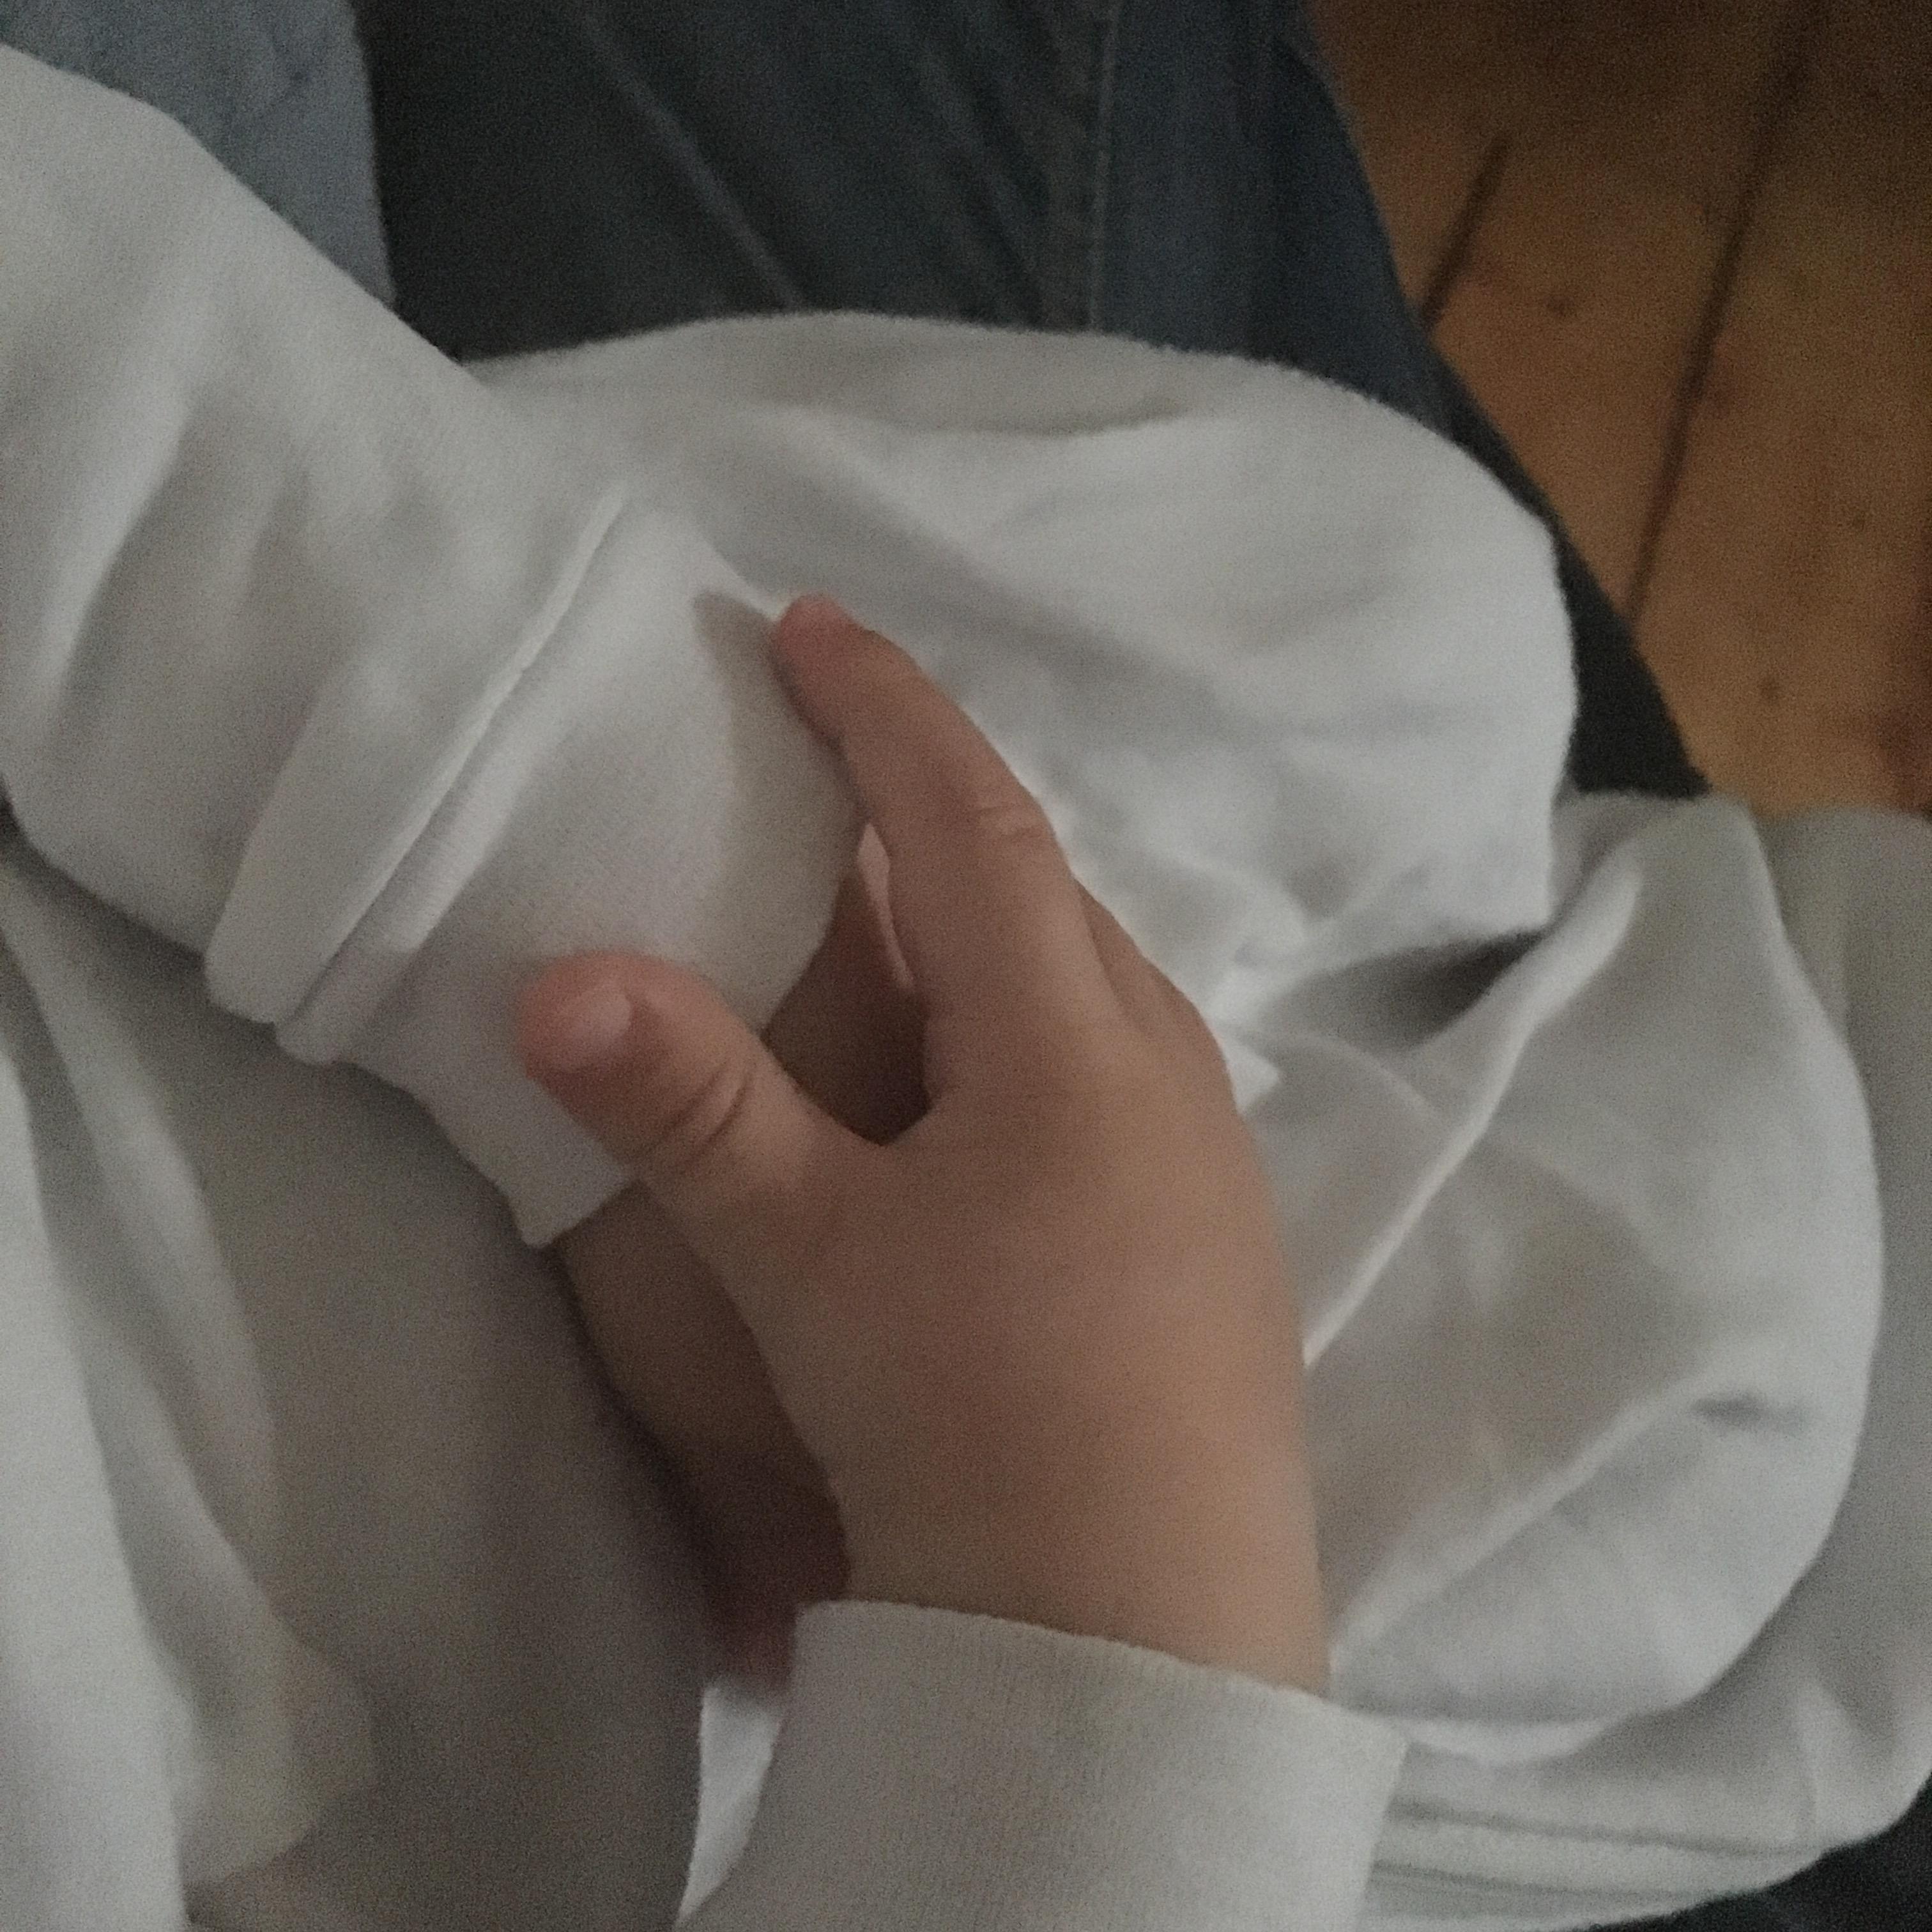 """Babyschlaf – wo und wie schläft das Kind """"schläft er schon durch?"""""""